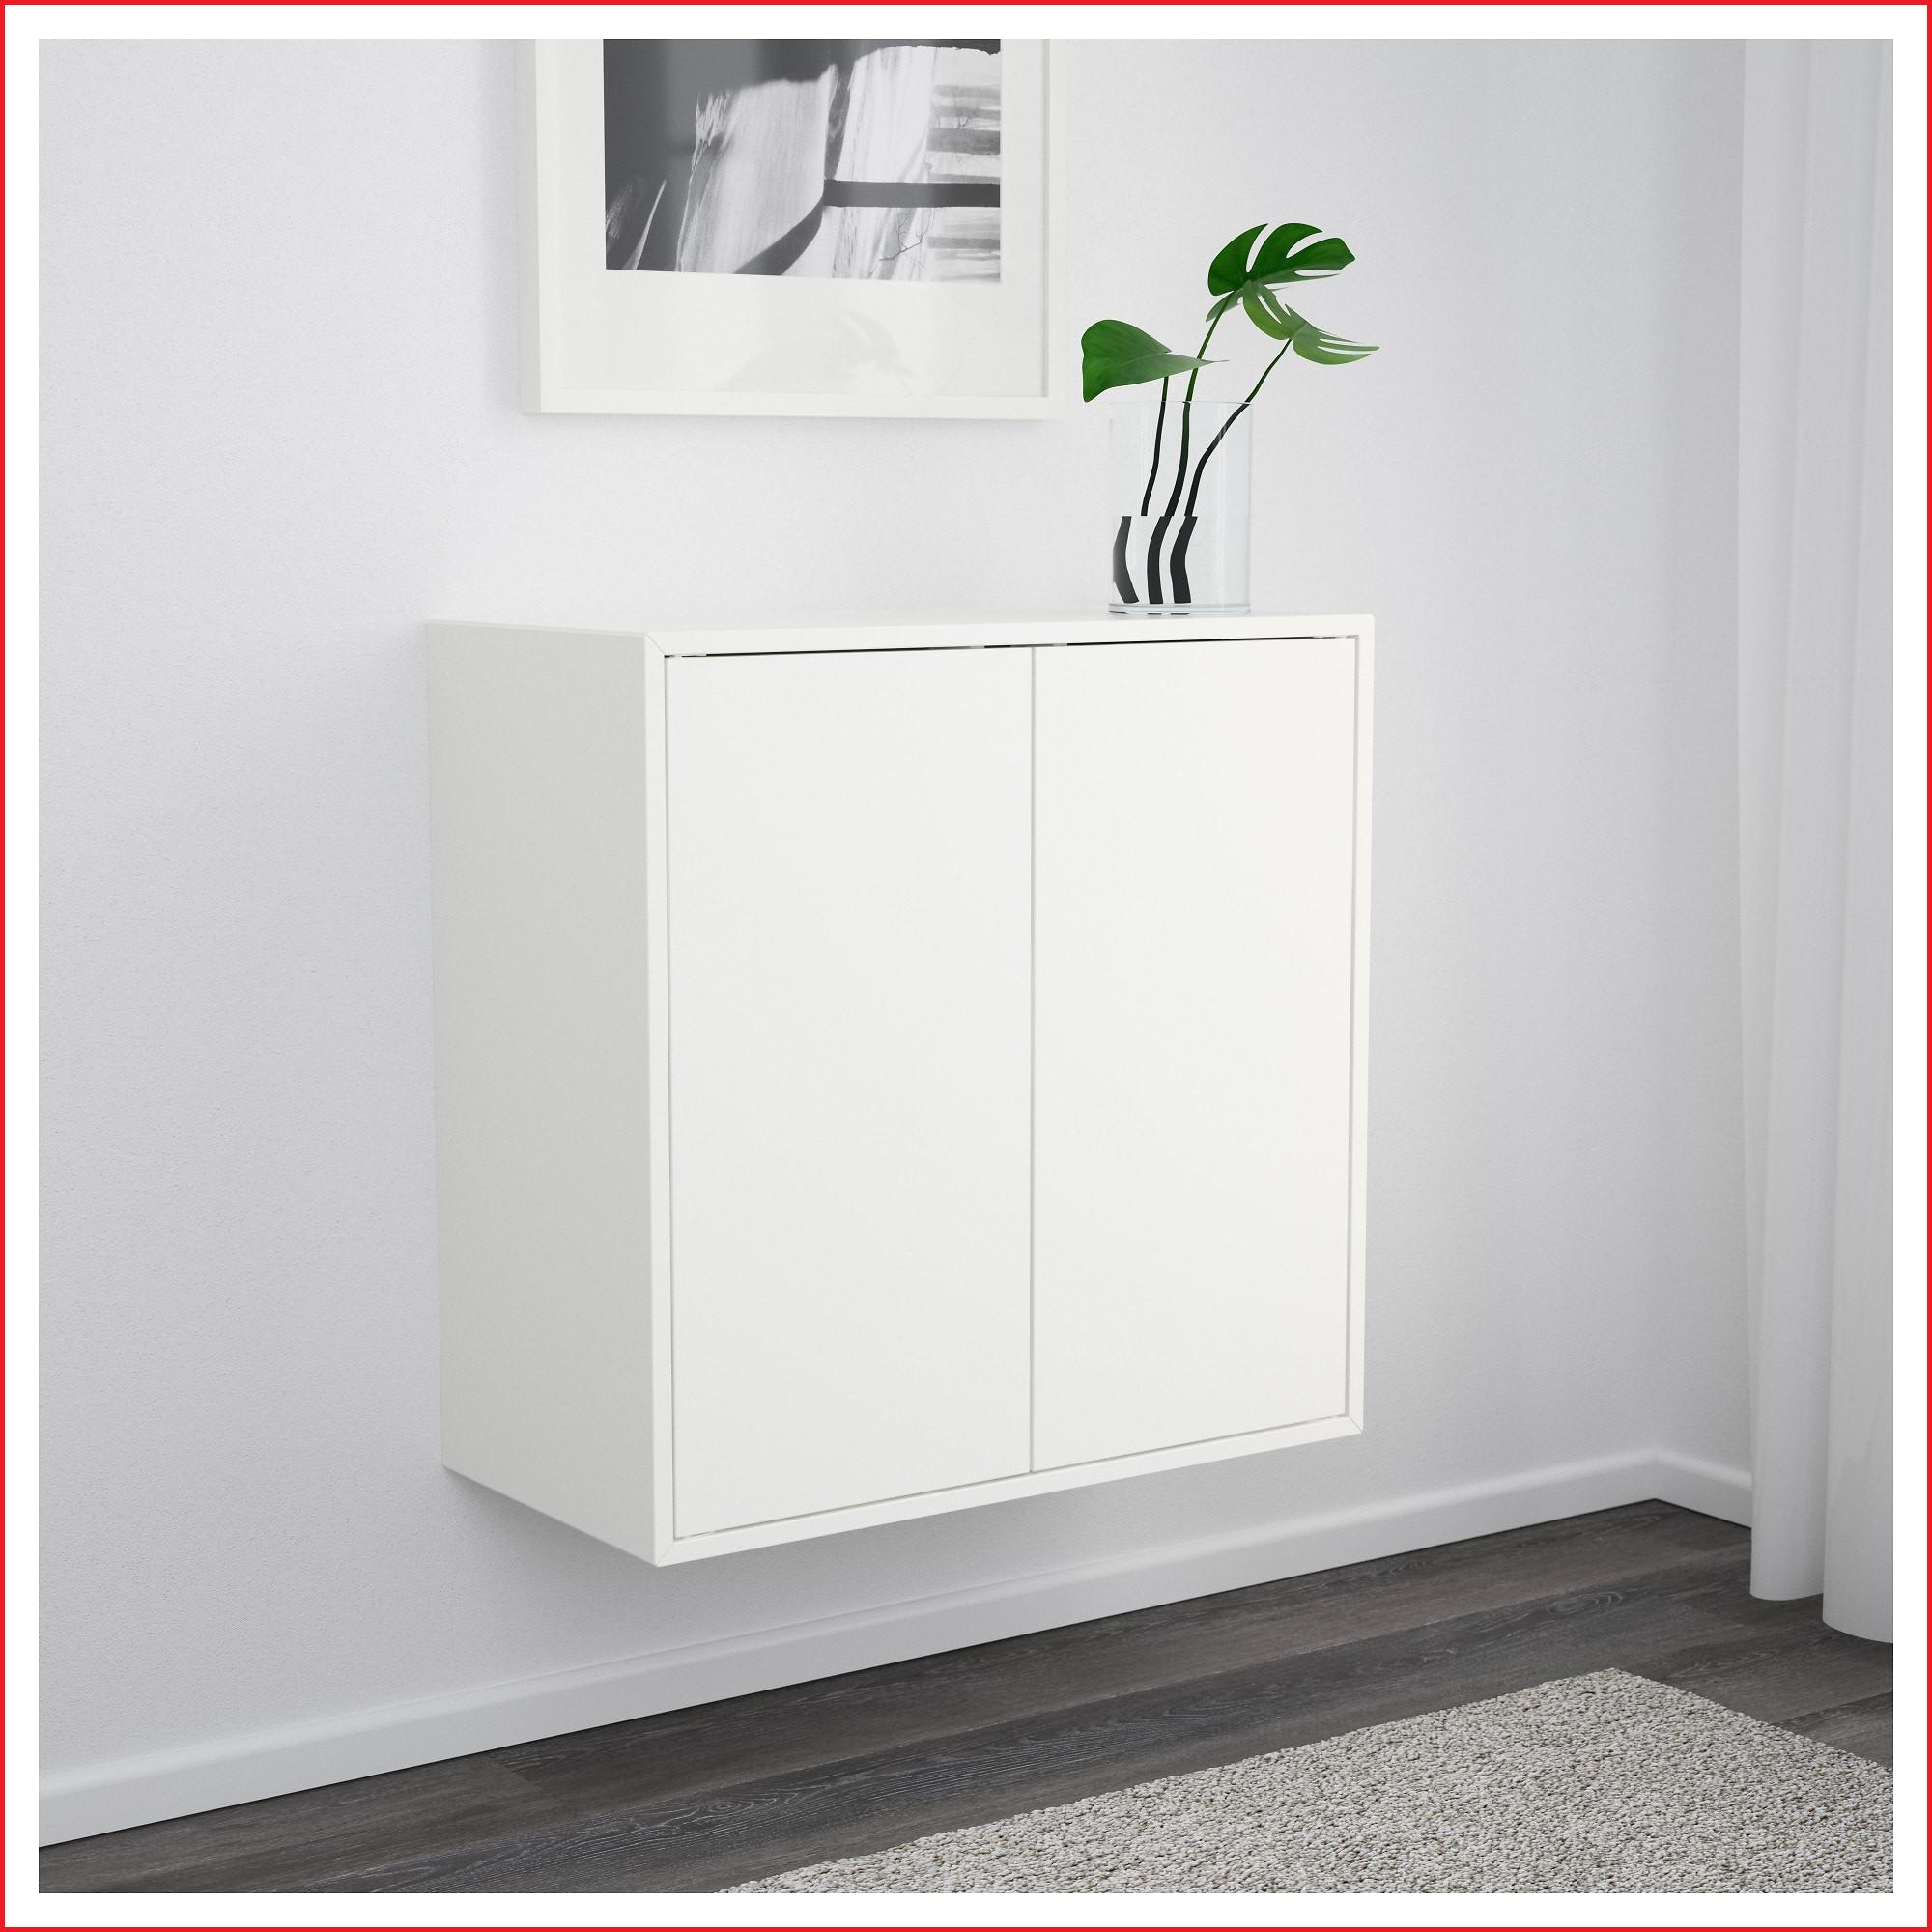 Archivador Metalico Ikea Mndw Armario Archivador Ikea Eket Armario Blanco 70 X 35 X 70 Cm